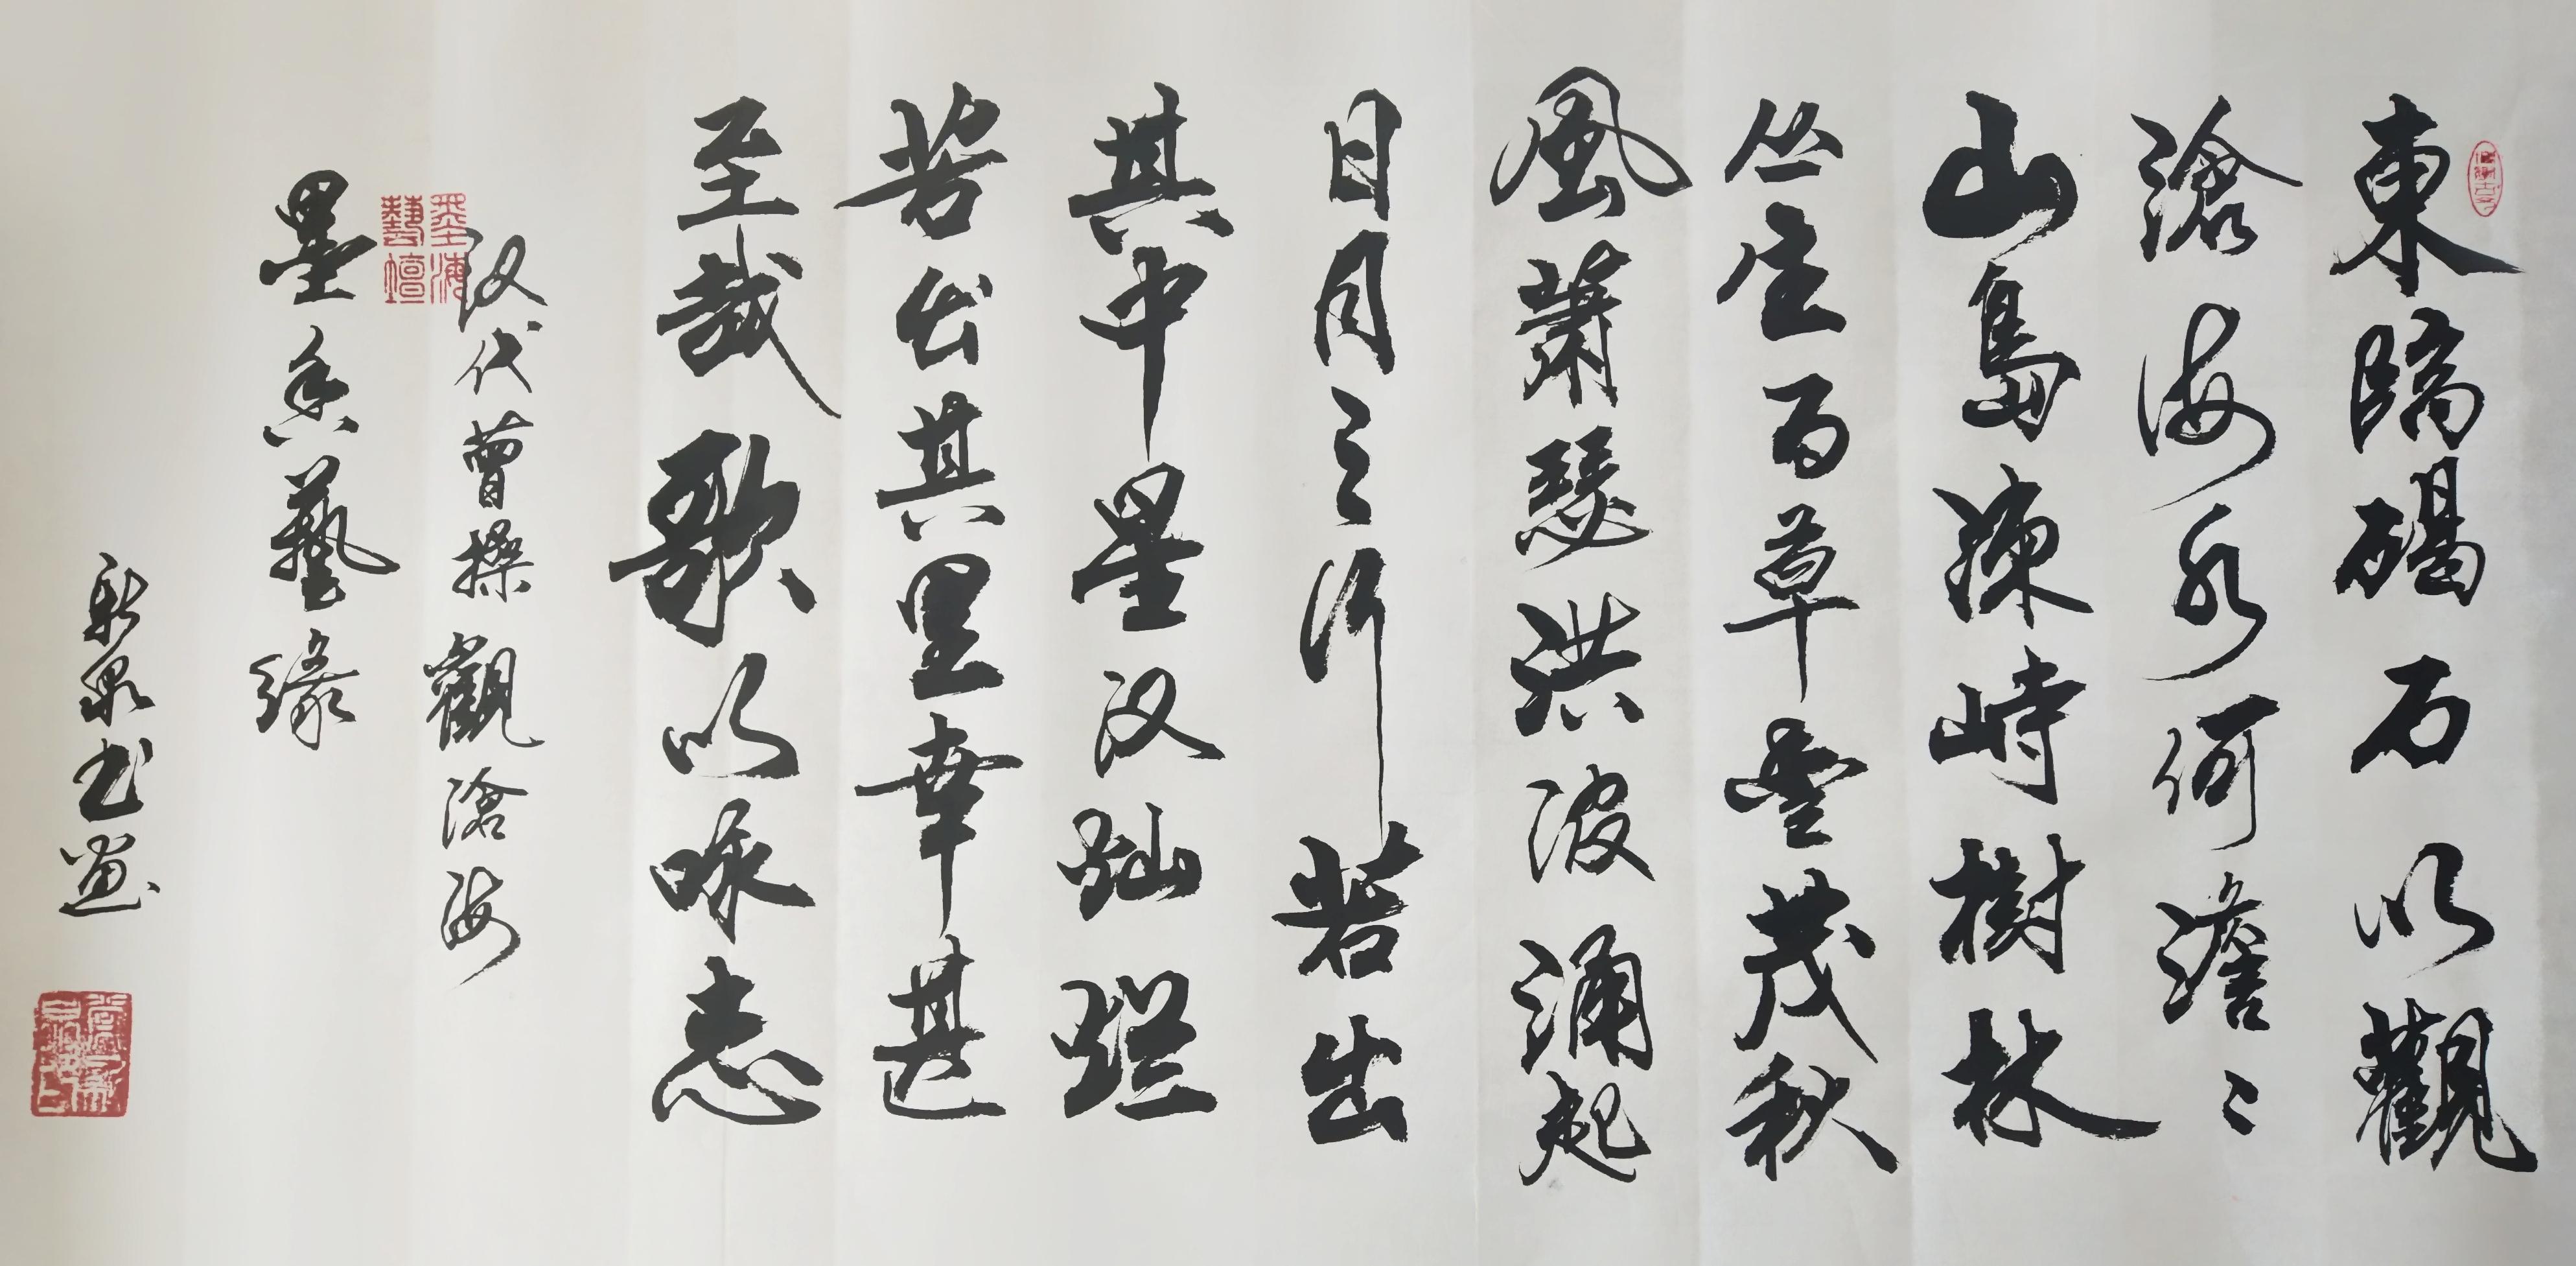 深藏农村的民间高手!老者苦练书法50载,写的一手好行书